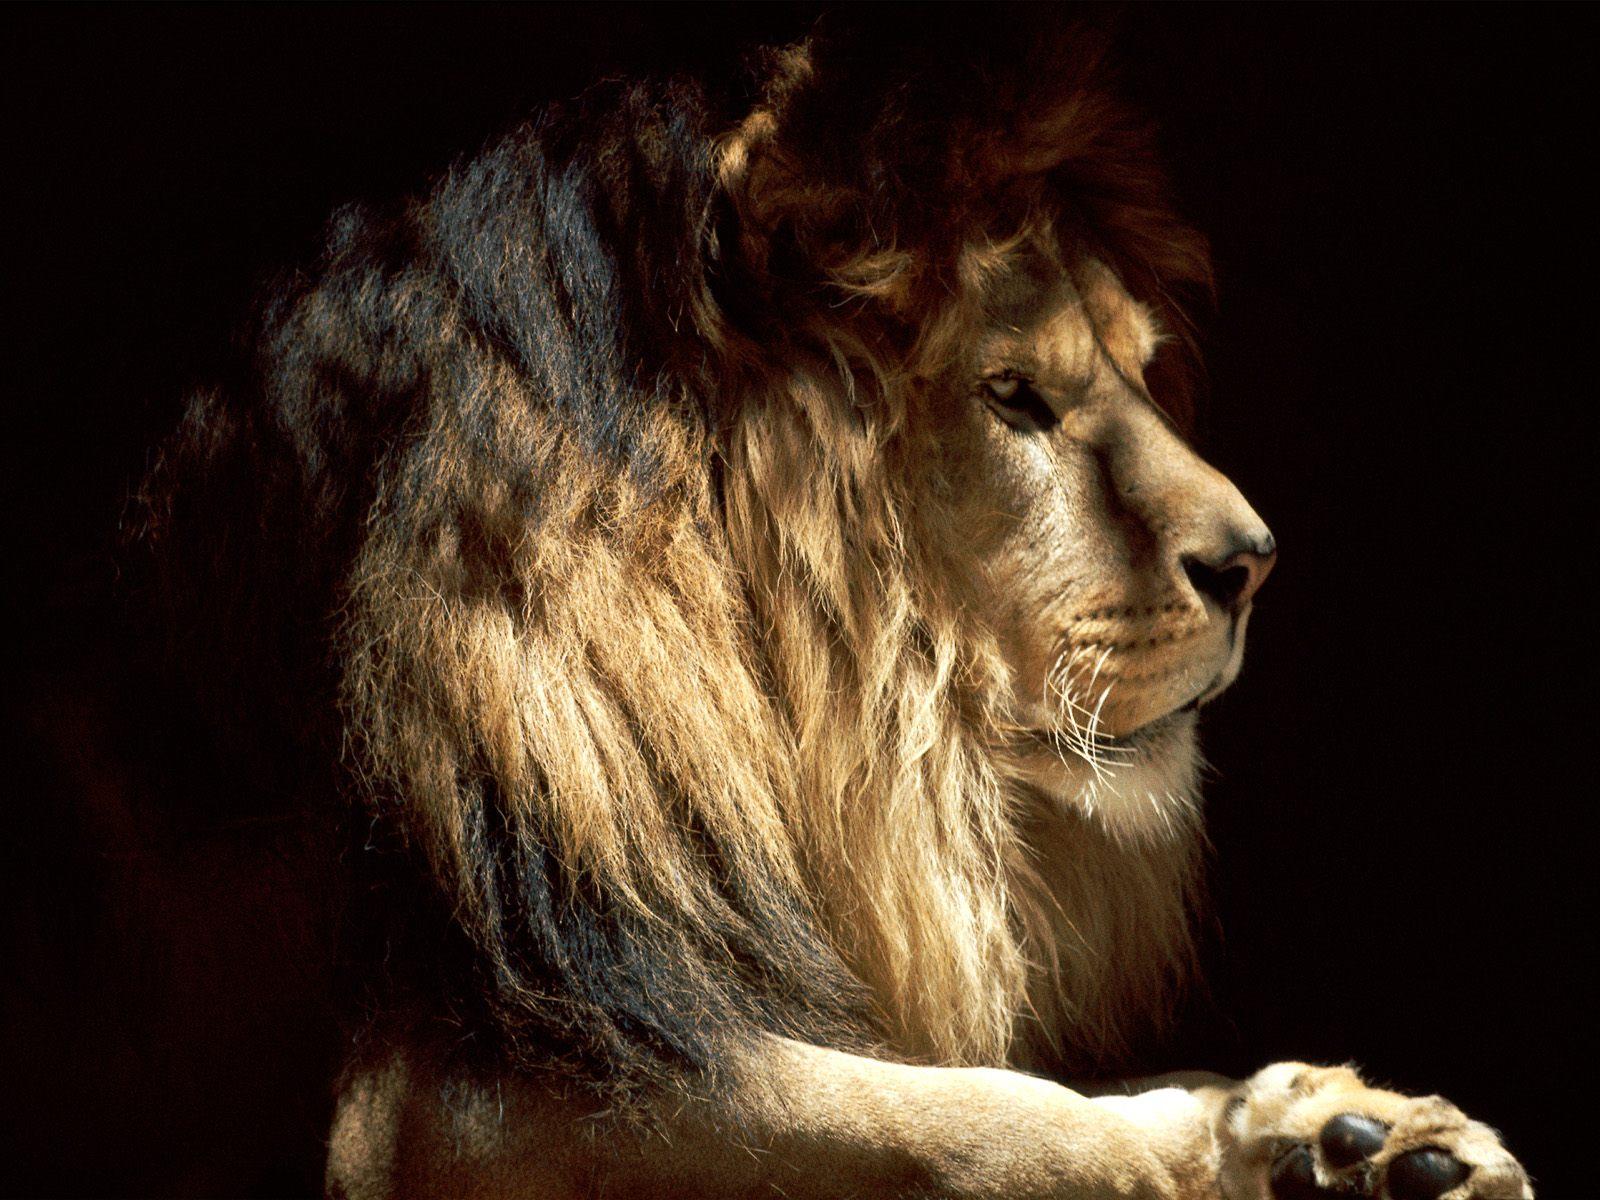 http://2.bp.blogspot.com/-MZIPUTlKT5A/TqS5TgH3a5I/AAAAAAAABpE/hBrwdW_q1GM/s1600/animal_0126.jpg